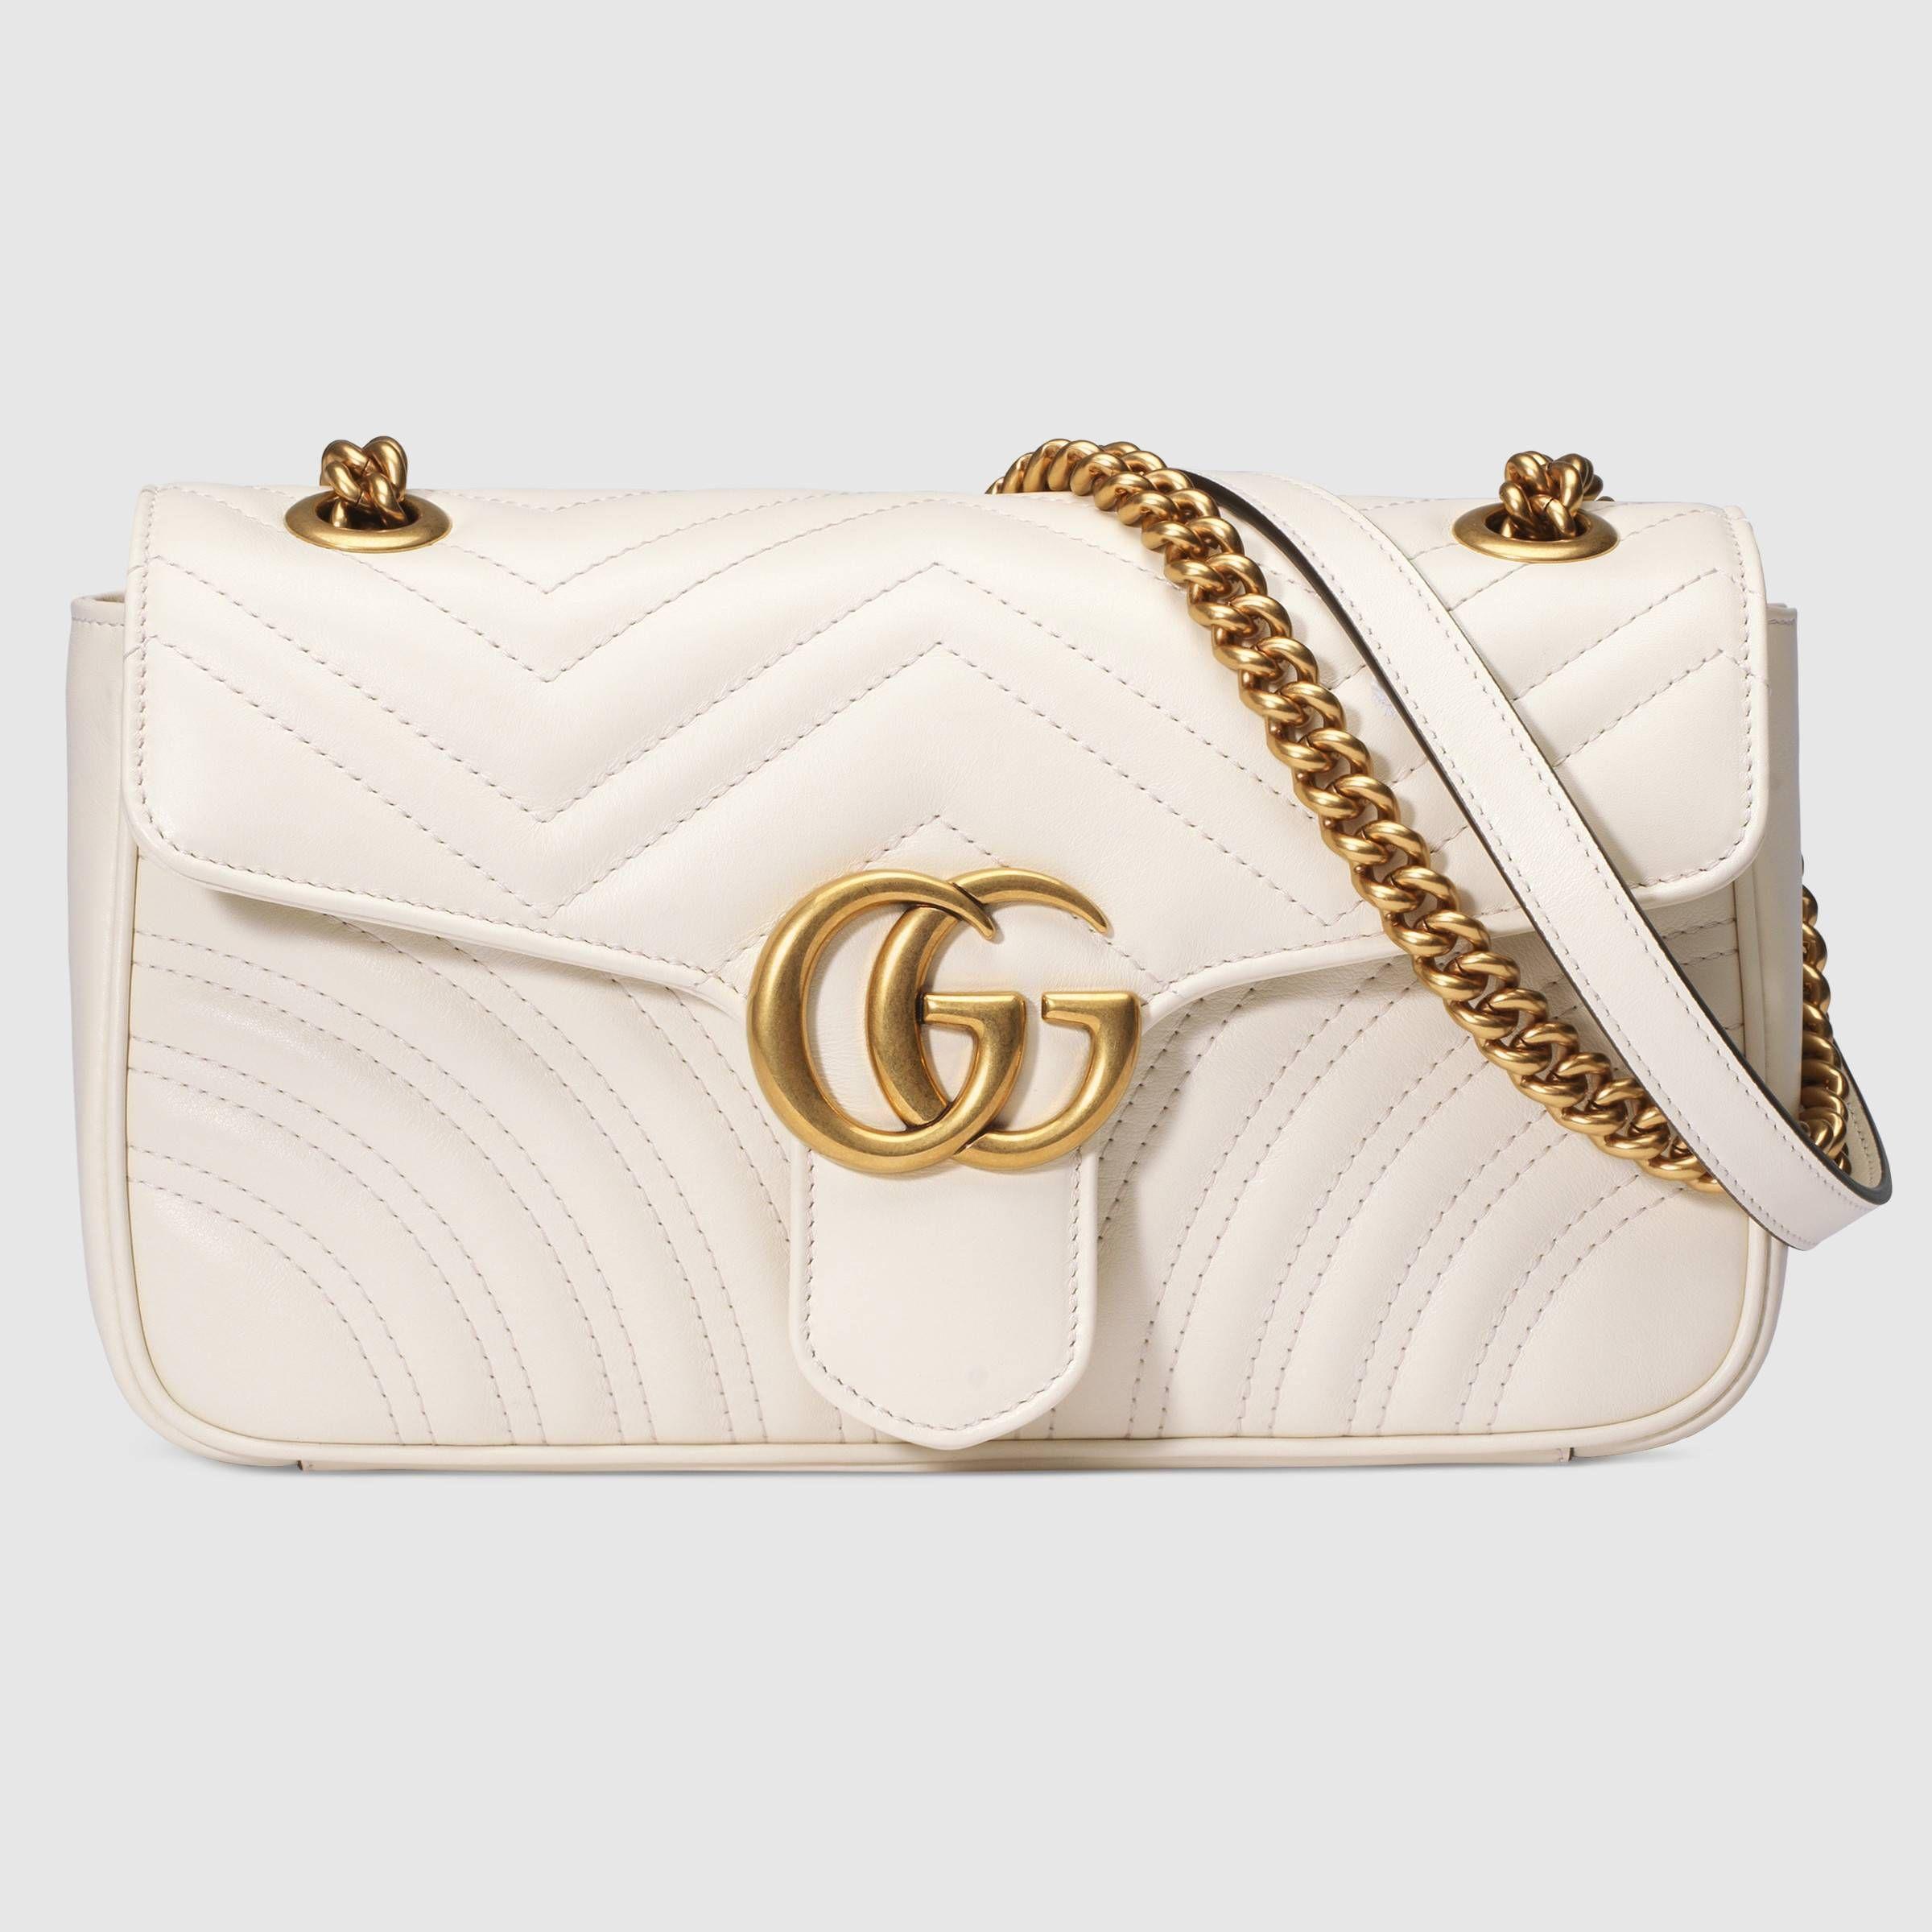 cde8d732fa9 GG Marmont small matelassé shoulder bag - Gucci Women s Shoulder Bags  443497DTDIT9022